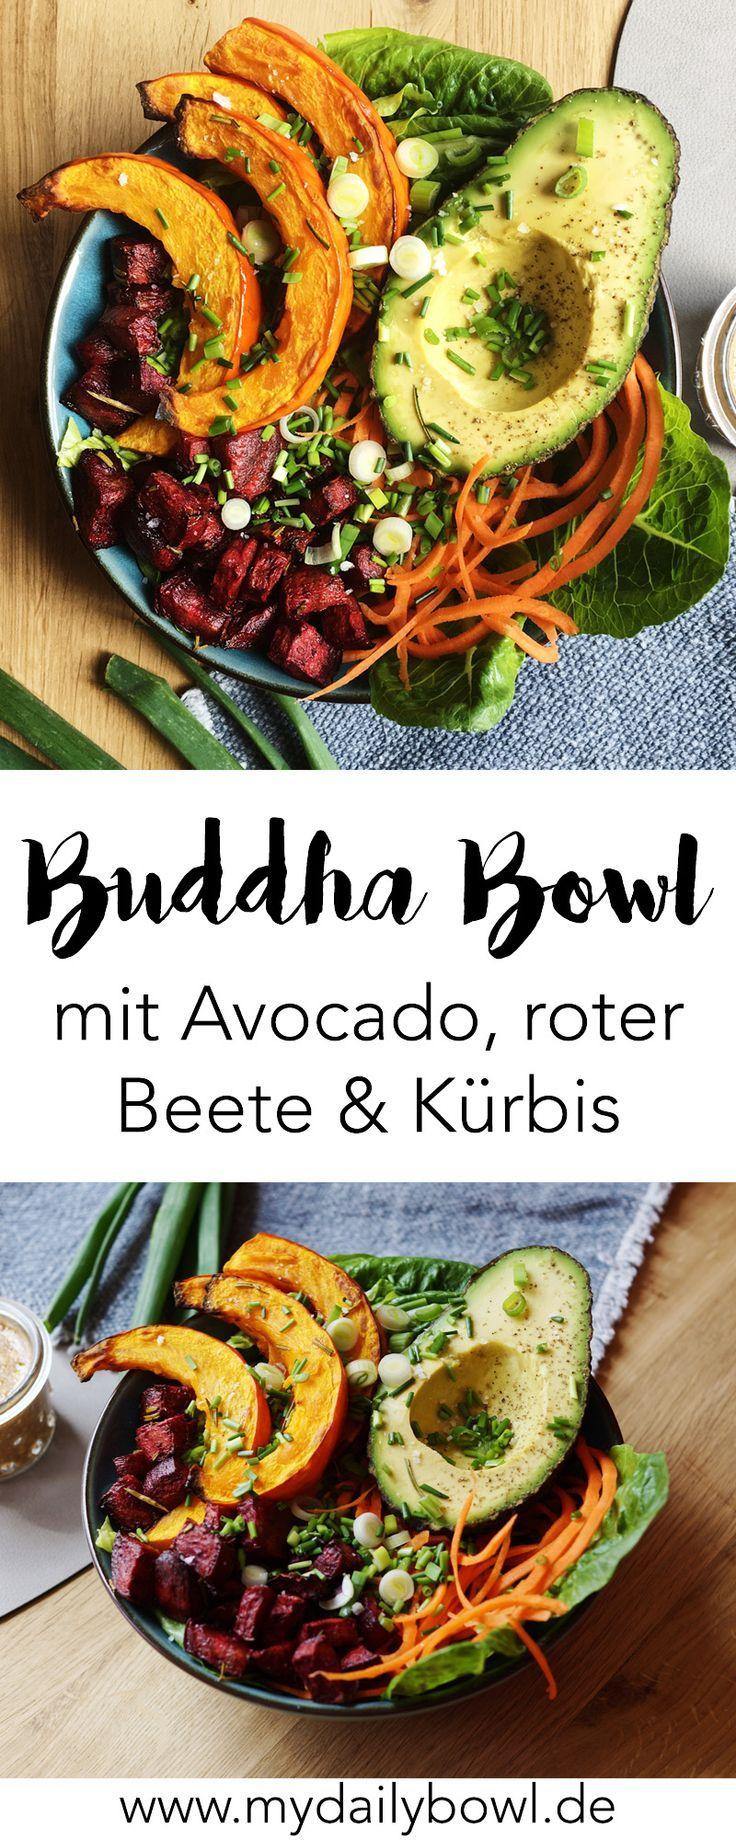 Buddha Bowl mit Avocado, Kürbis und rote Beete